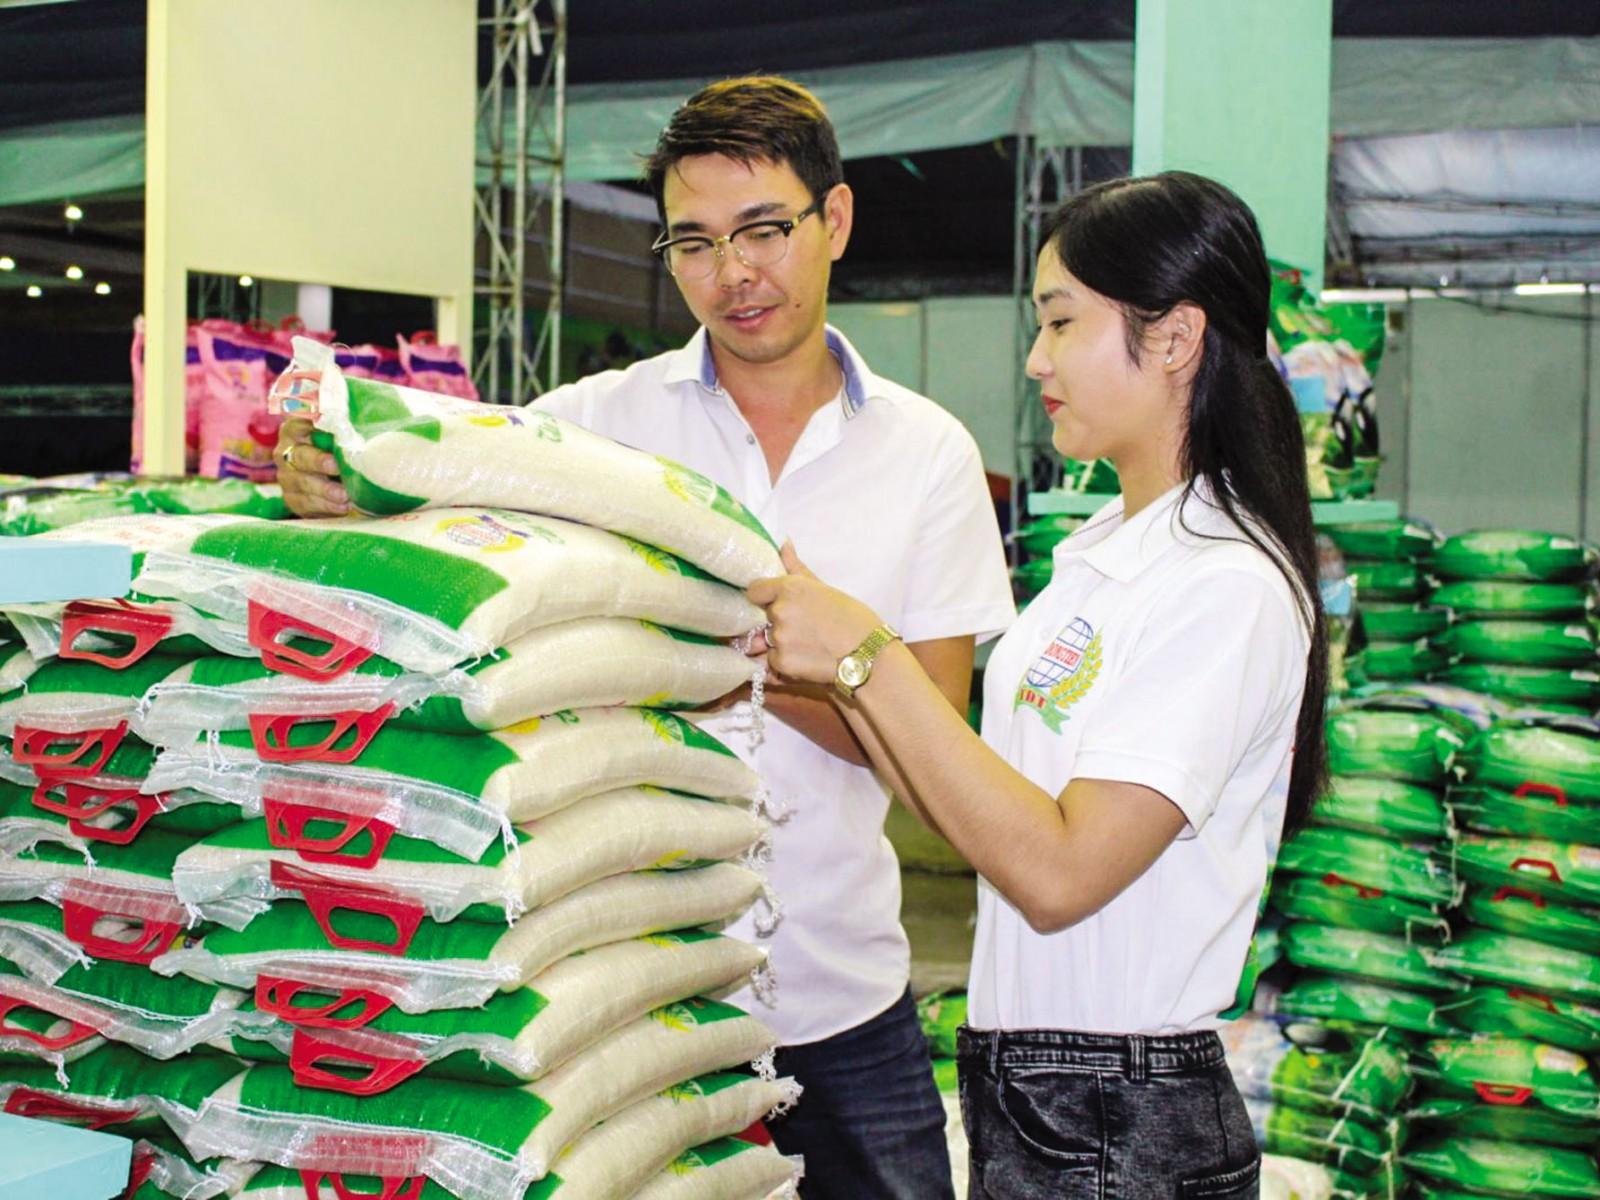 Phân khúc gạo thị trường gạo nội địa đang thiếu vắng bóng dáng doanh nghiệp trực tiếp xuất khẩu tham gia (Trong ảnh là sản phẩm gạo của một doanh nghiệp trưng bày tại một hội chợ). Ảnh: T.C